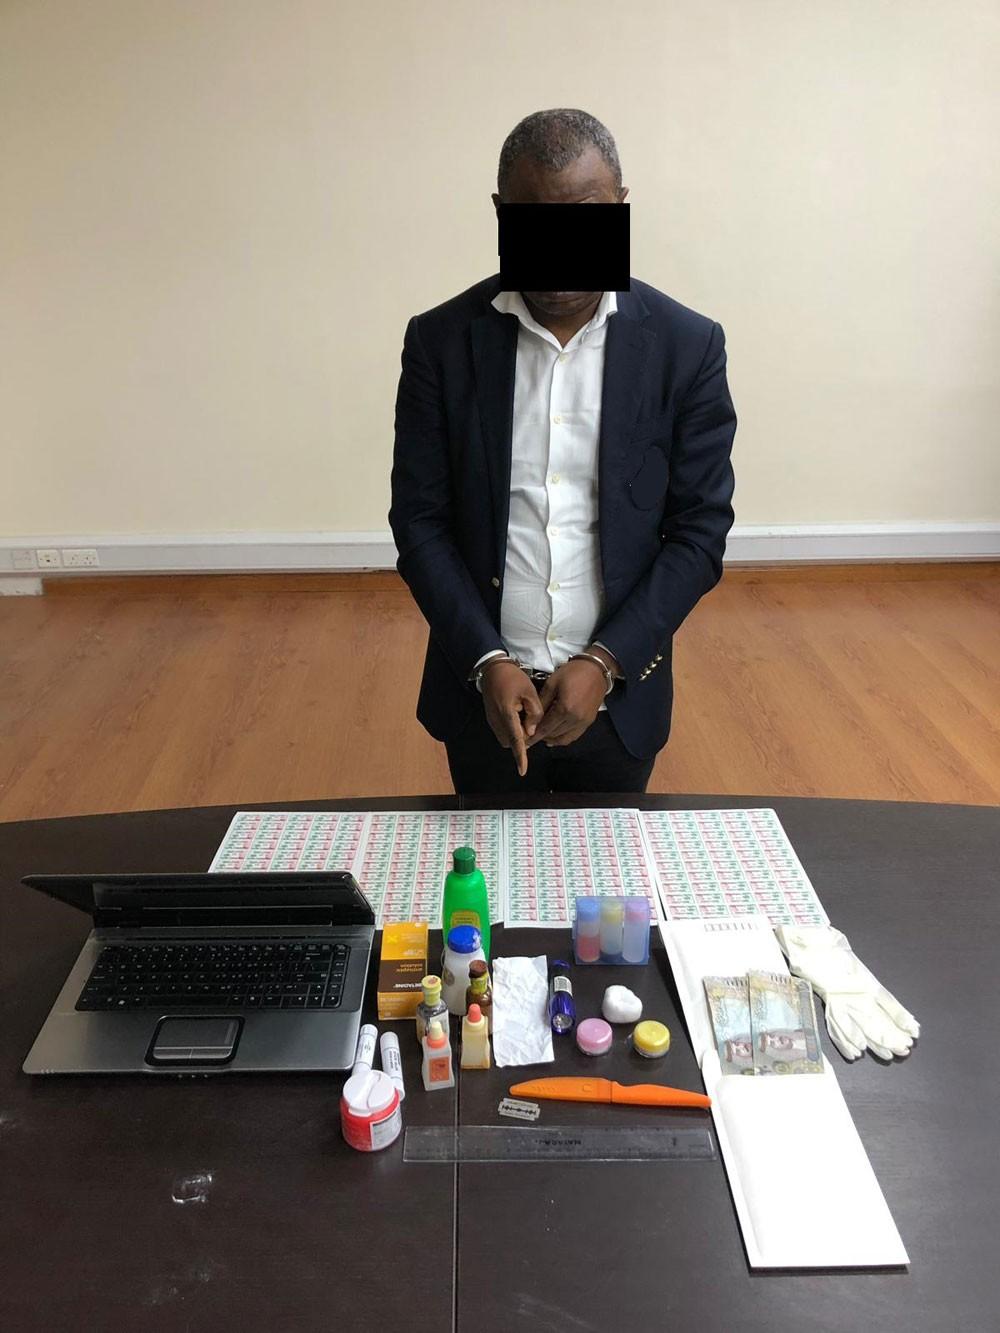 القبض على شخص من جنسية أفريقية مشتبه في تزويره للعملات النقدية